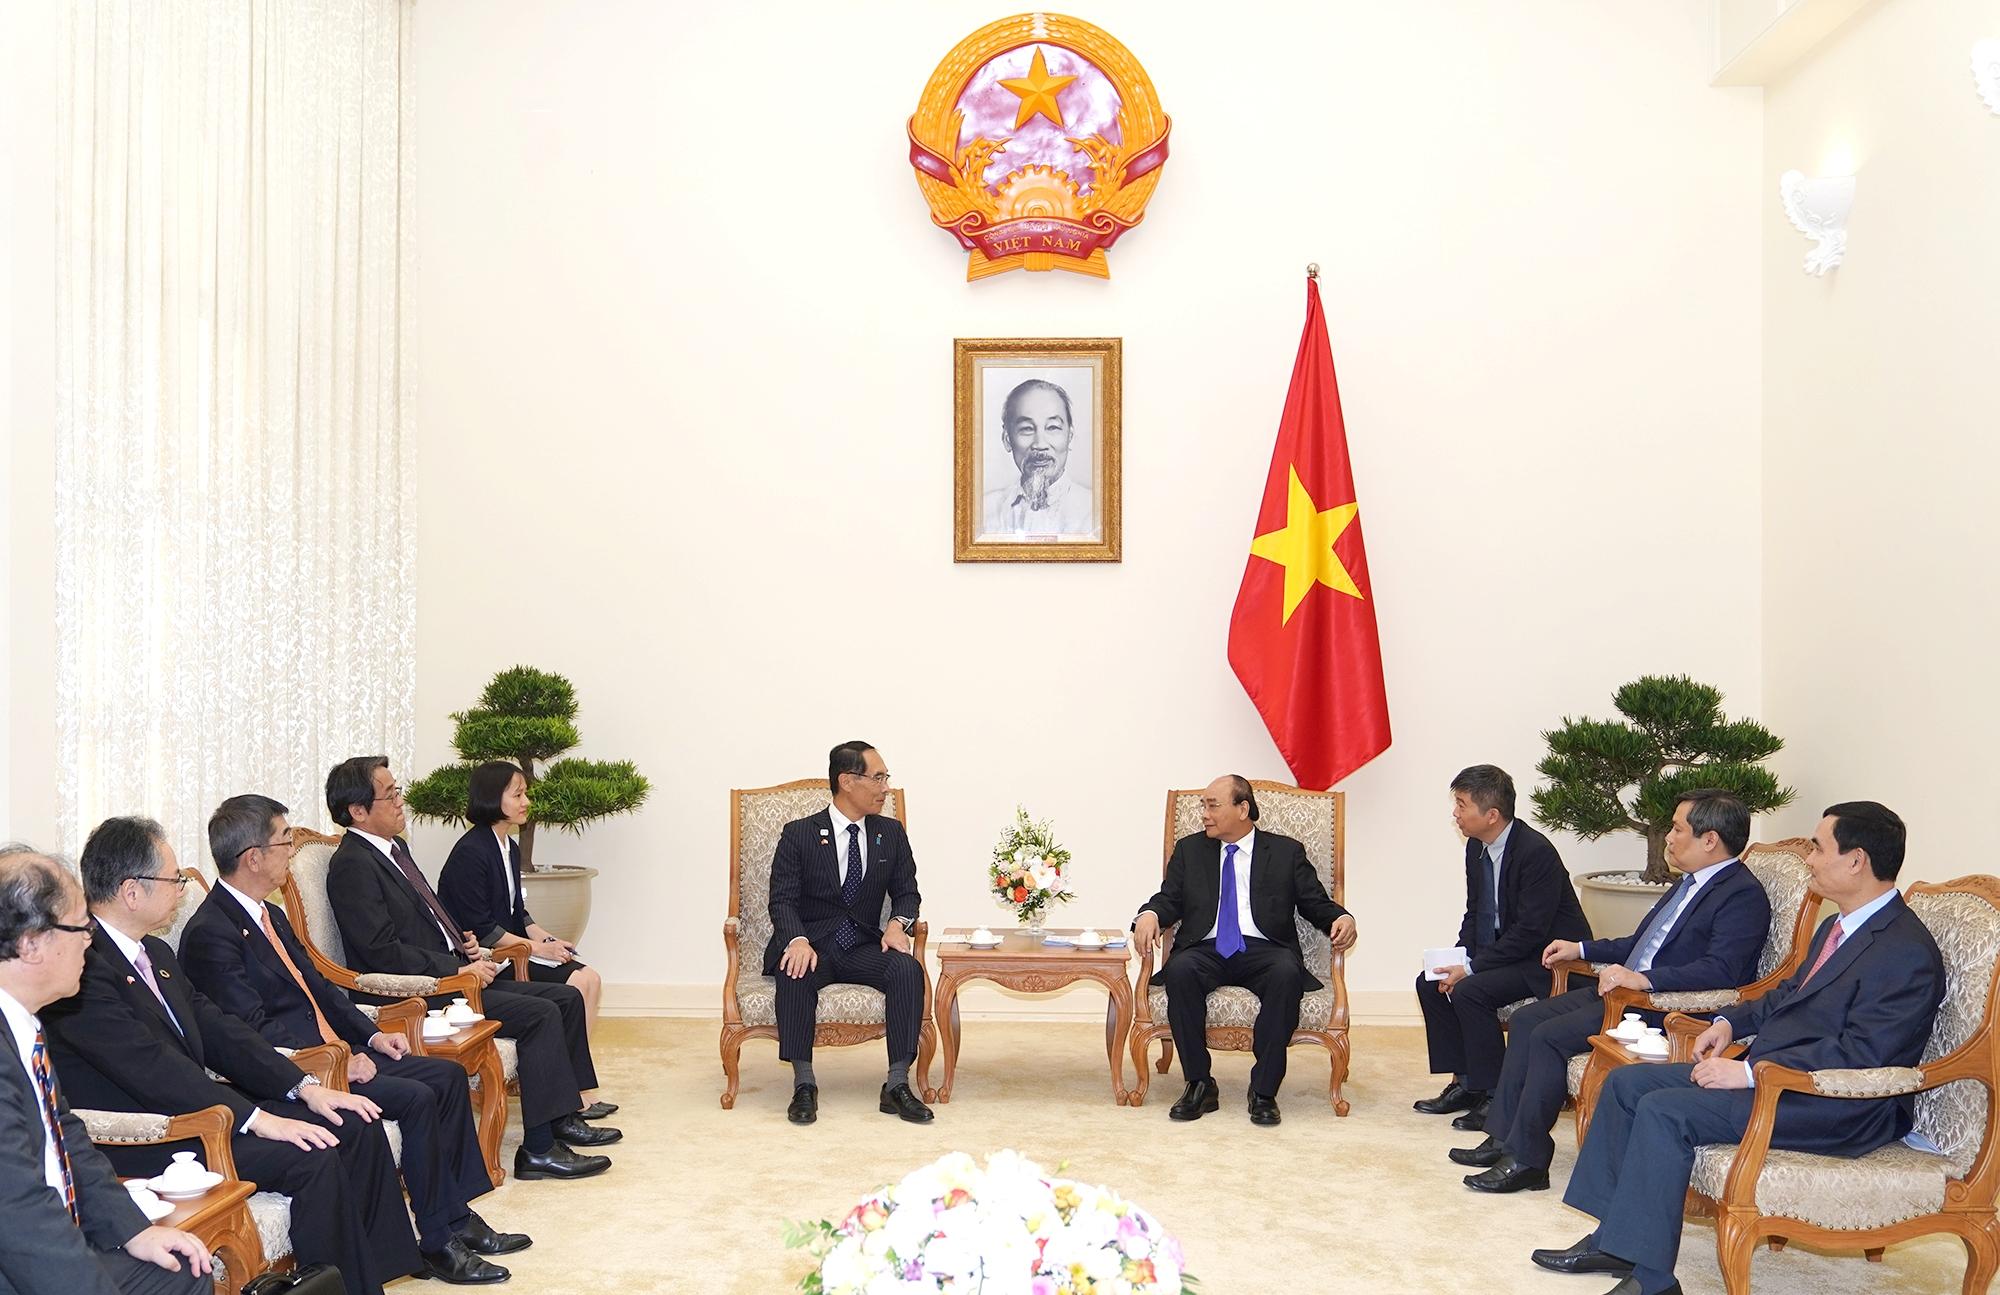 Quan hệ Việt Nam - Nhật Bản phát triển tốt đẹp, toàn diện